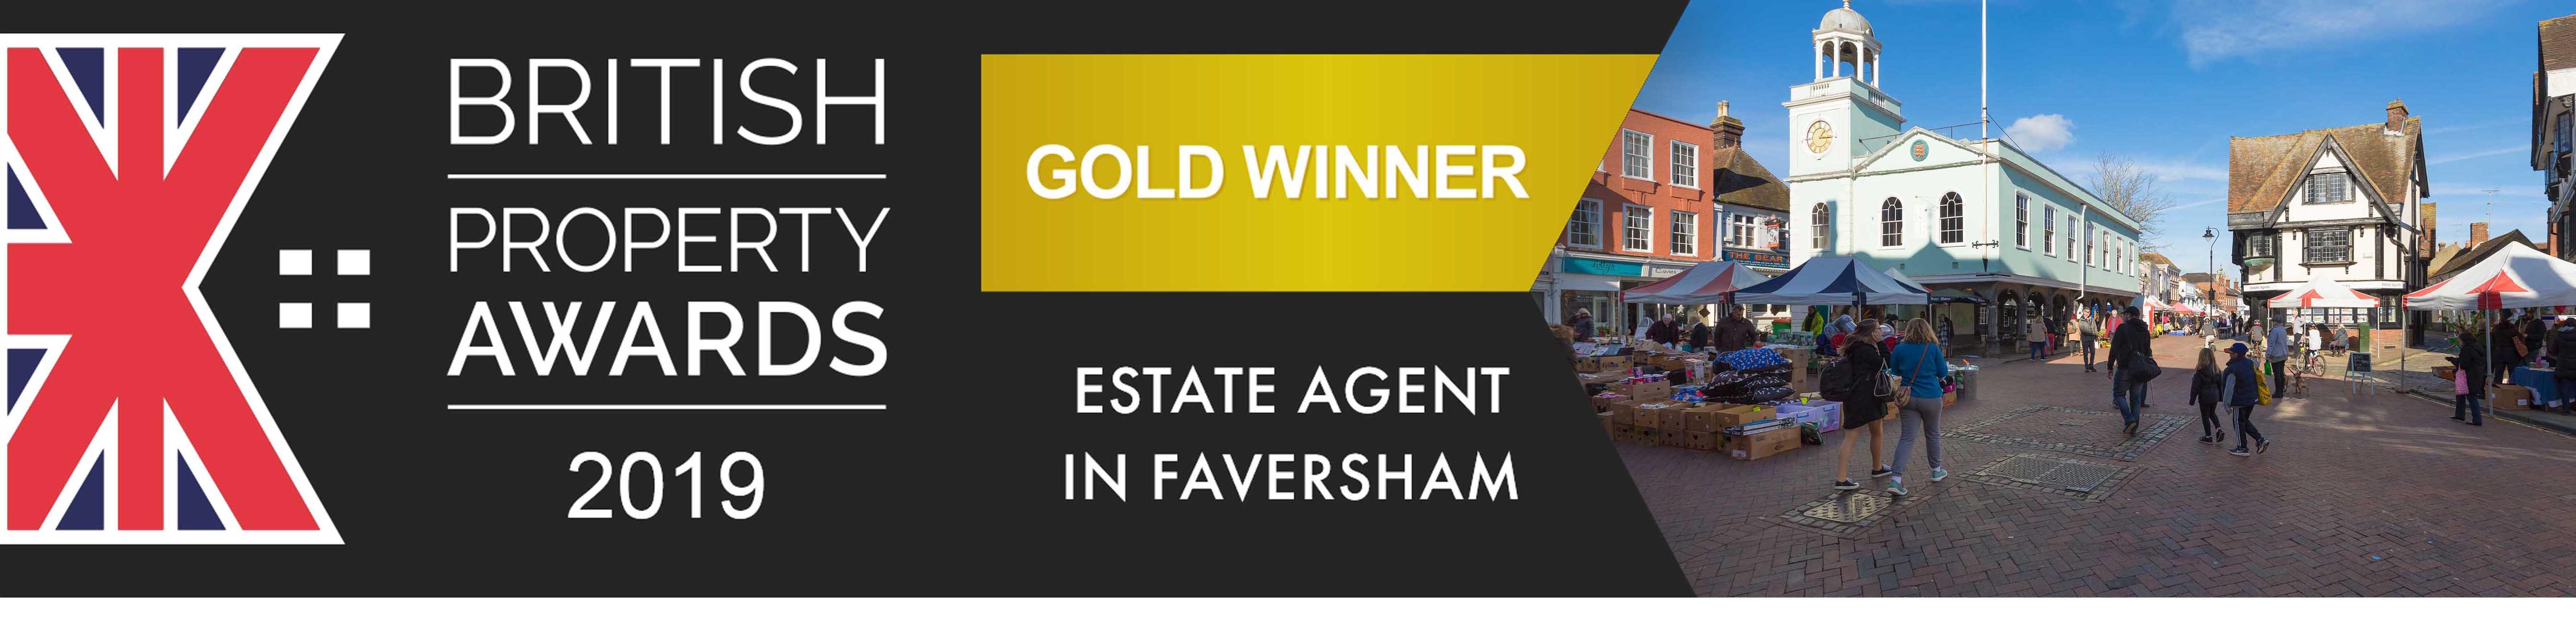 faversham_banner121